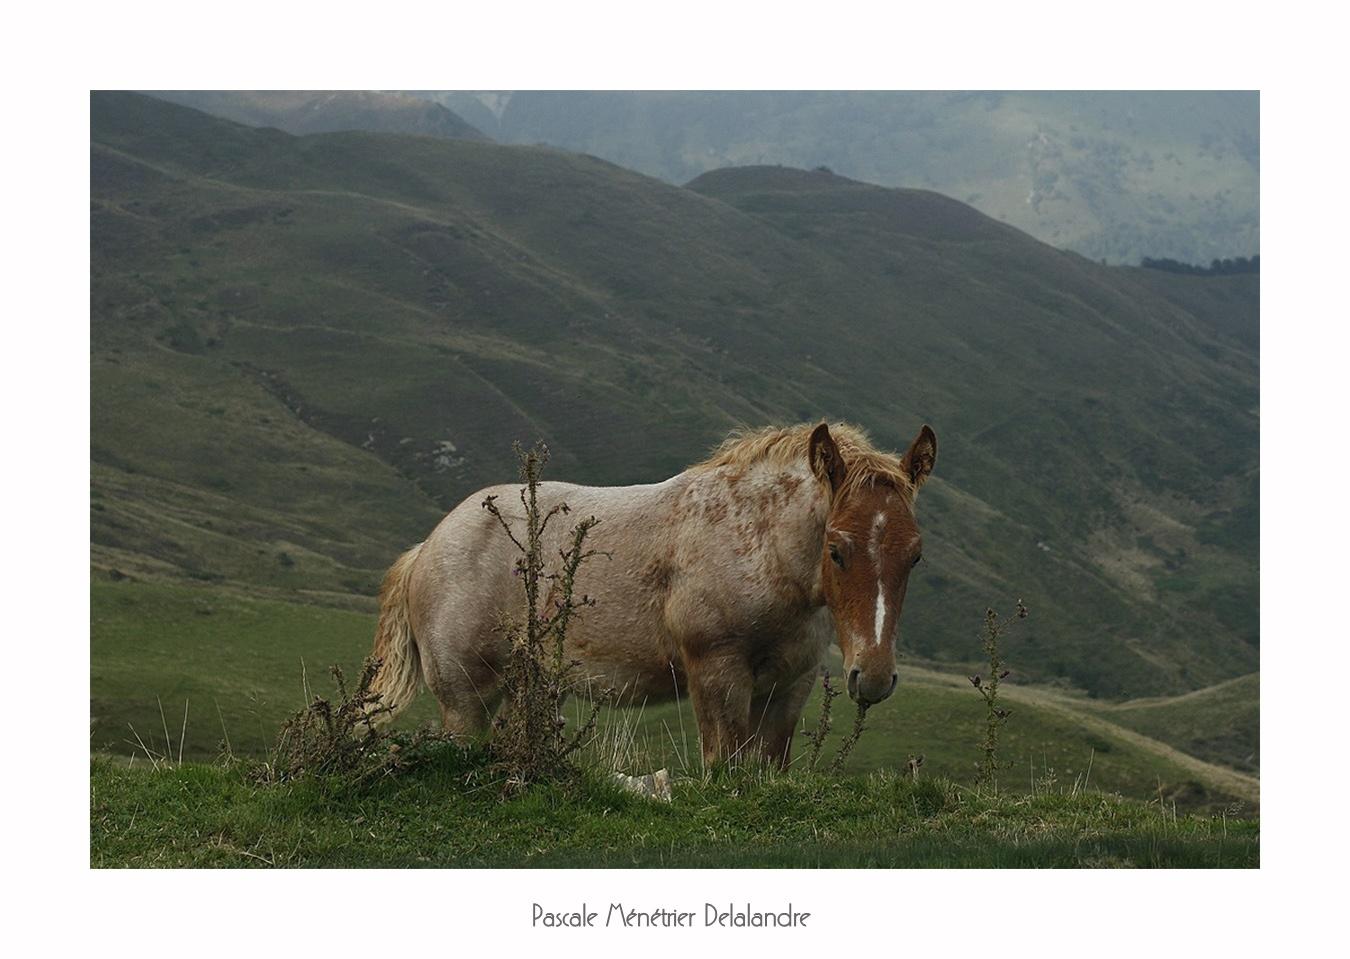 Dans les Pyrénées, ils sont partout sur les montagnes...